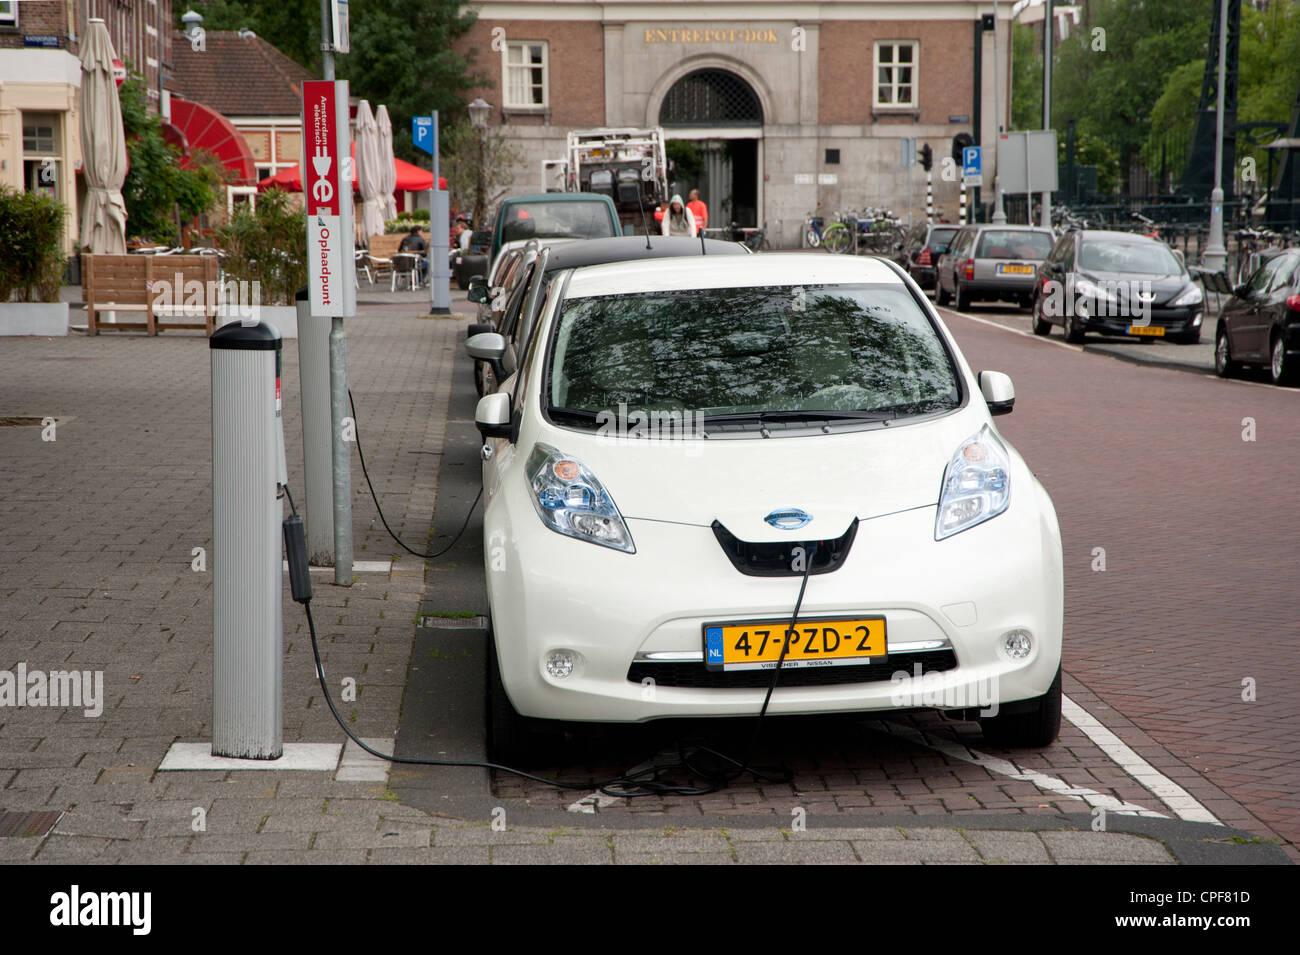 nissan leaf elektroauto aufgeladen an ladestation stockfoto, bild